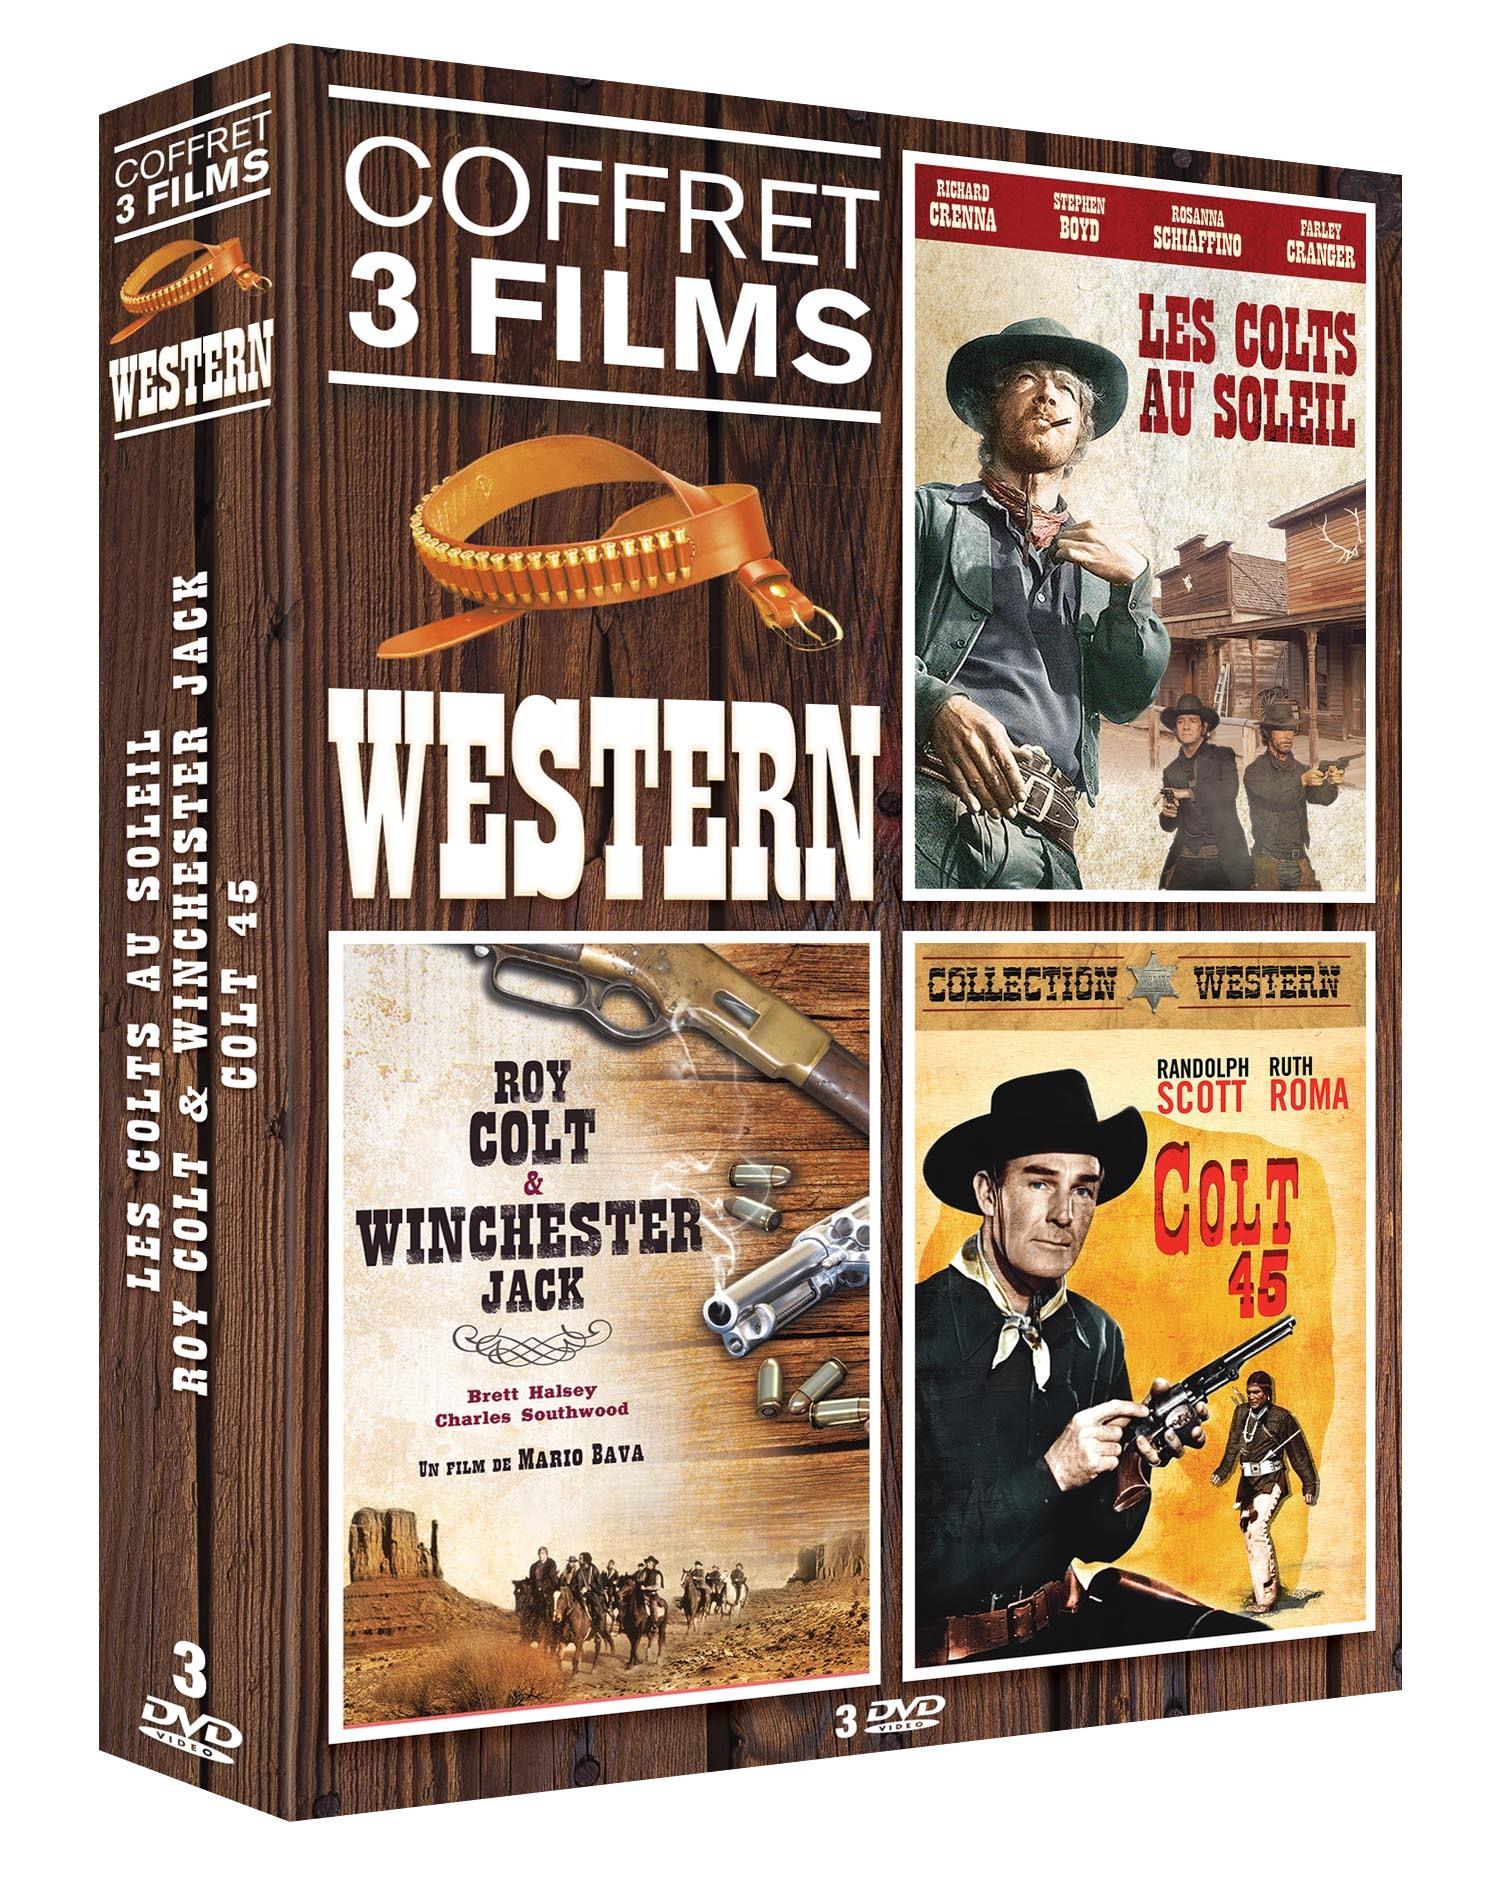 WESTERN VOL 2 - 3 DVD